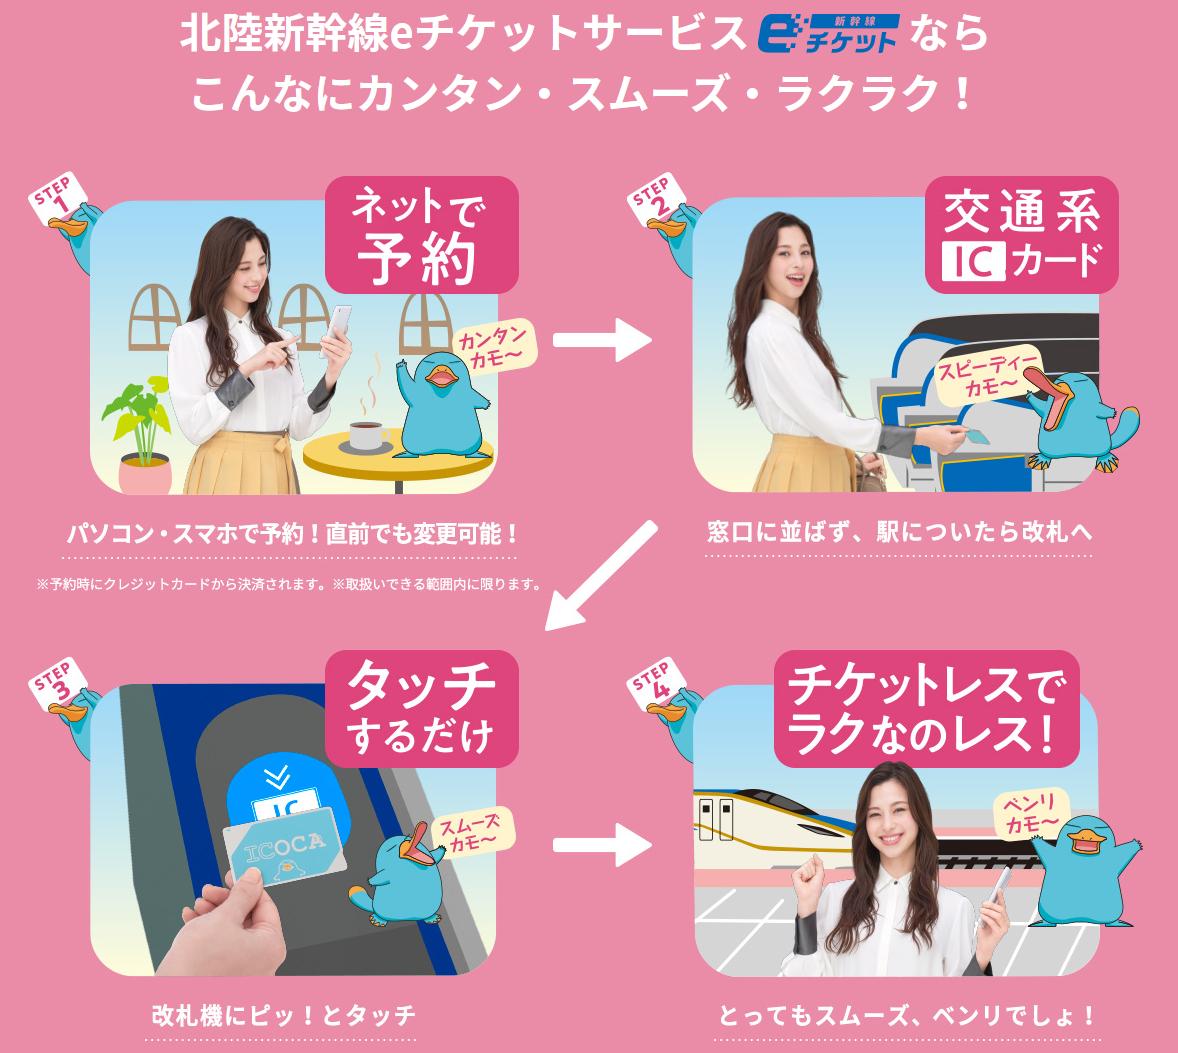 f:id:fuwafuwaame:20200212060421j:plain